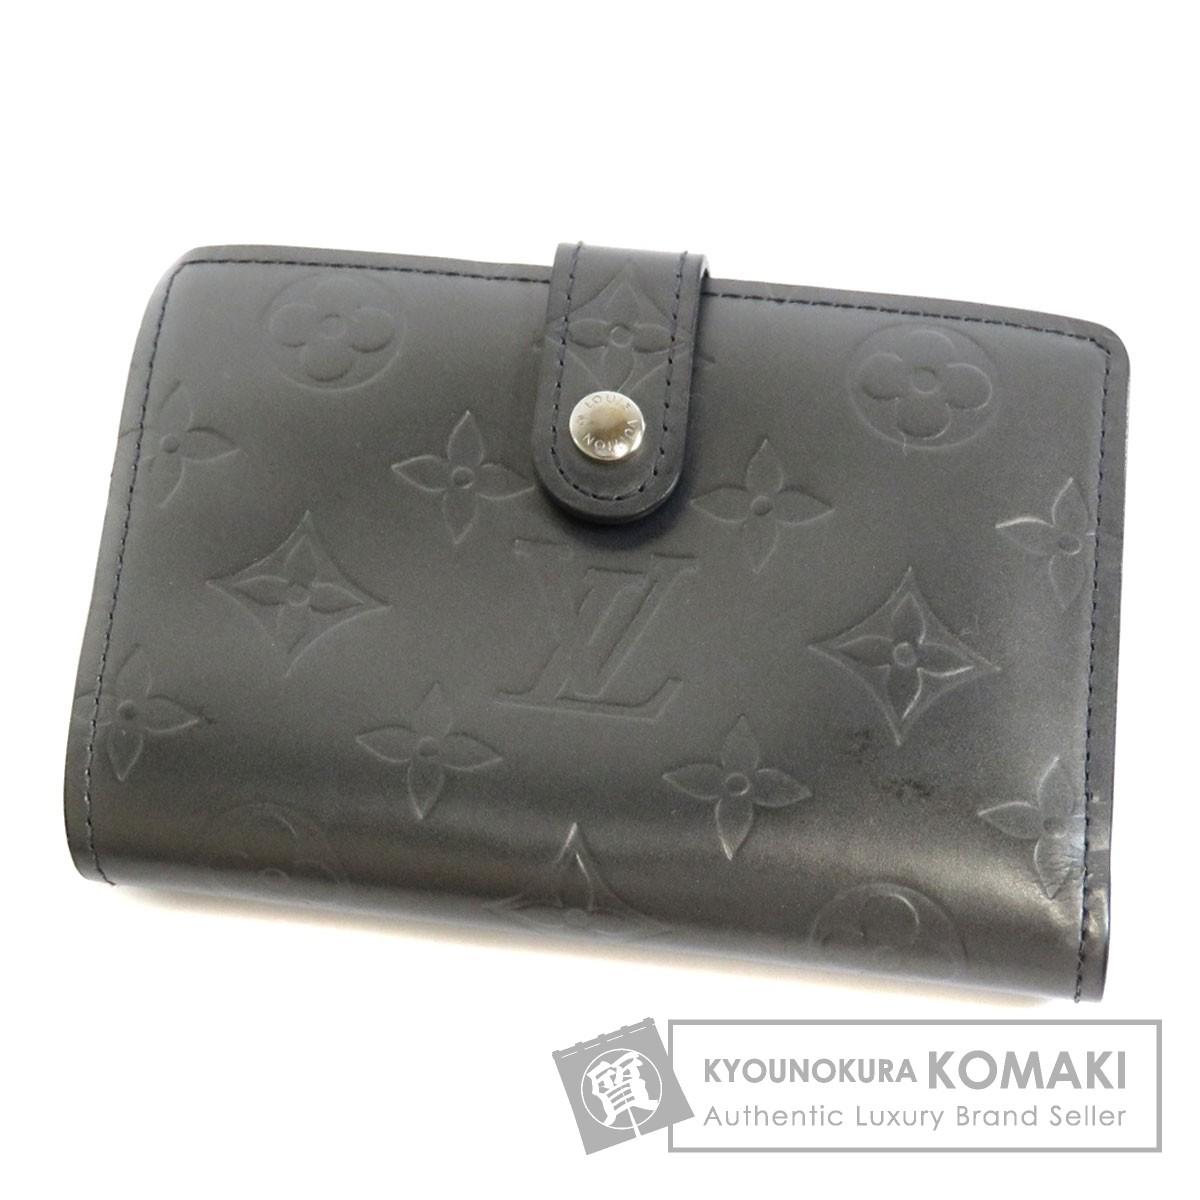 LOUIS VUITTON M65152 ポルトモネビエ ヴィエノワ 二つ折り財布(小銭入れあり) モノグラムマット レディース 【中古】【ルイ・ヴィトン】